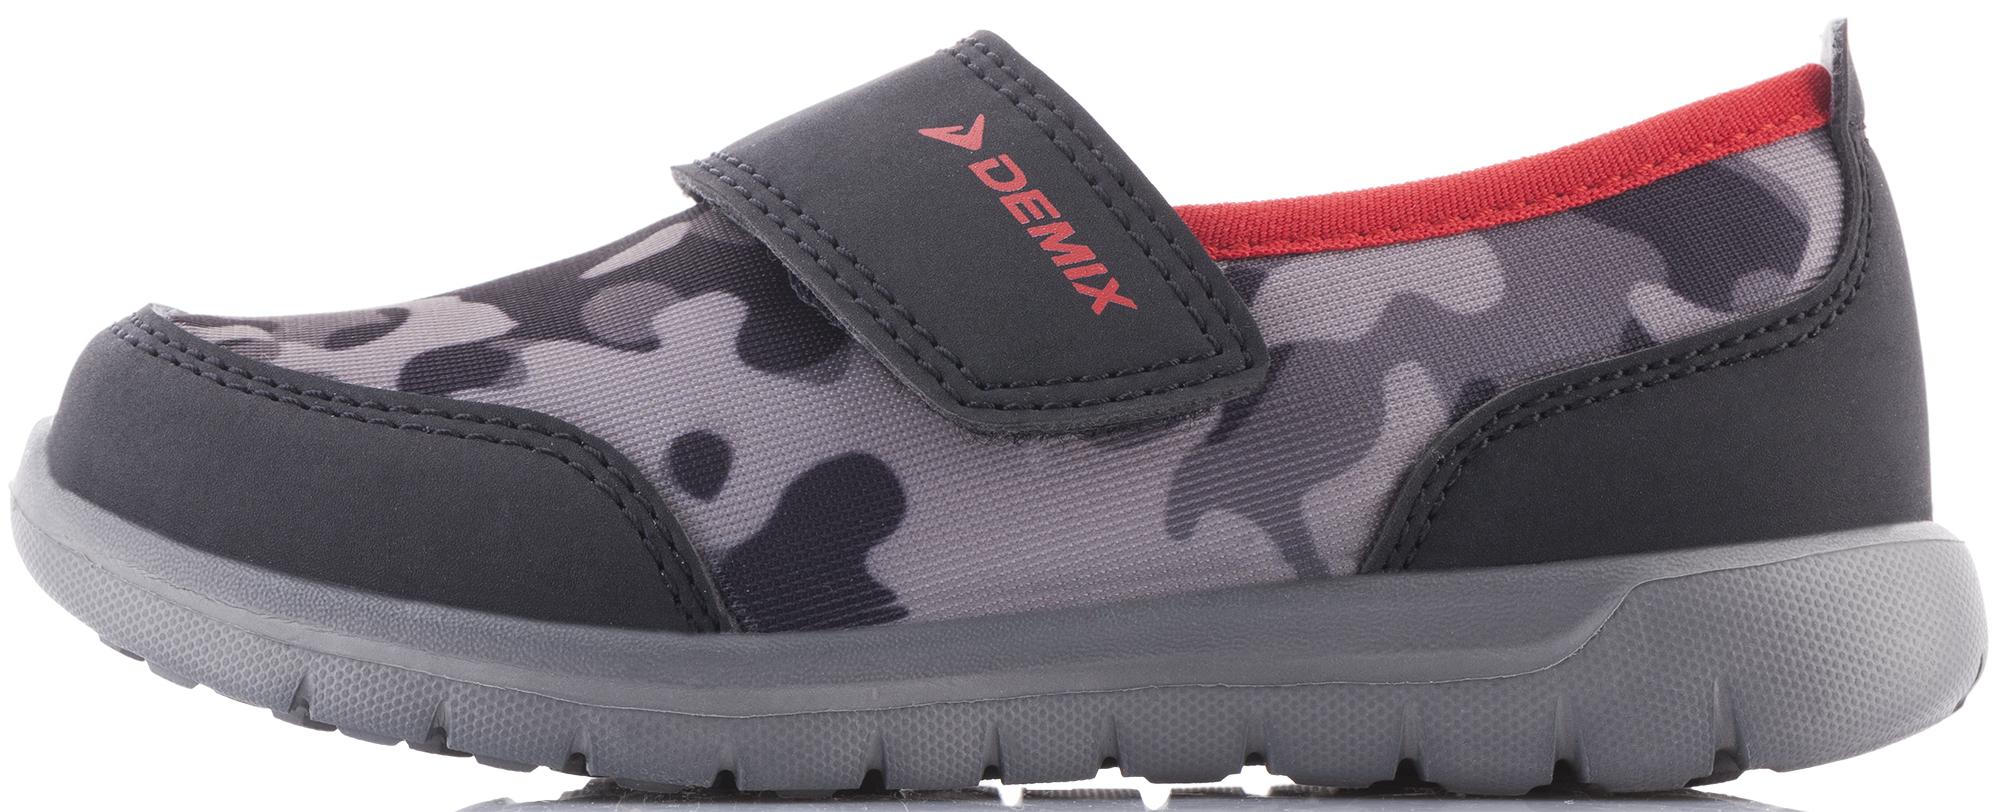 Demix Кроссовки для мальчиков Everyday, размер 23